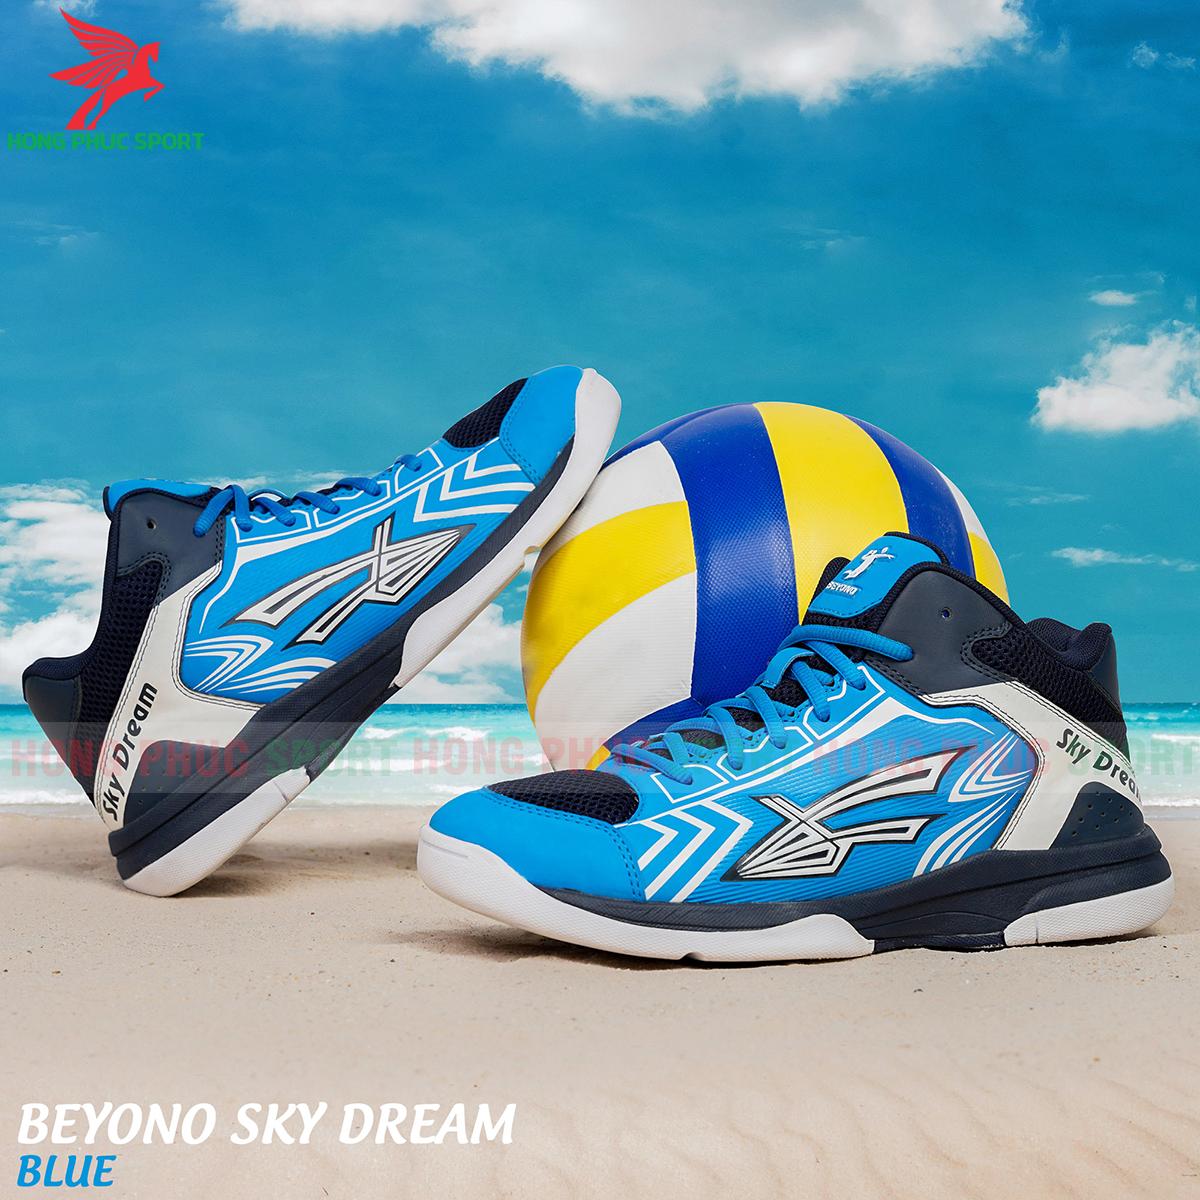 Giày bóng chuyền Beyono Sky dream màu xanh